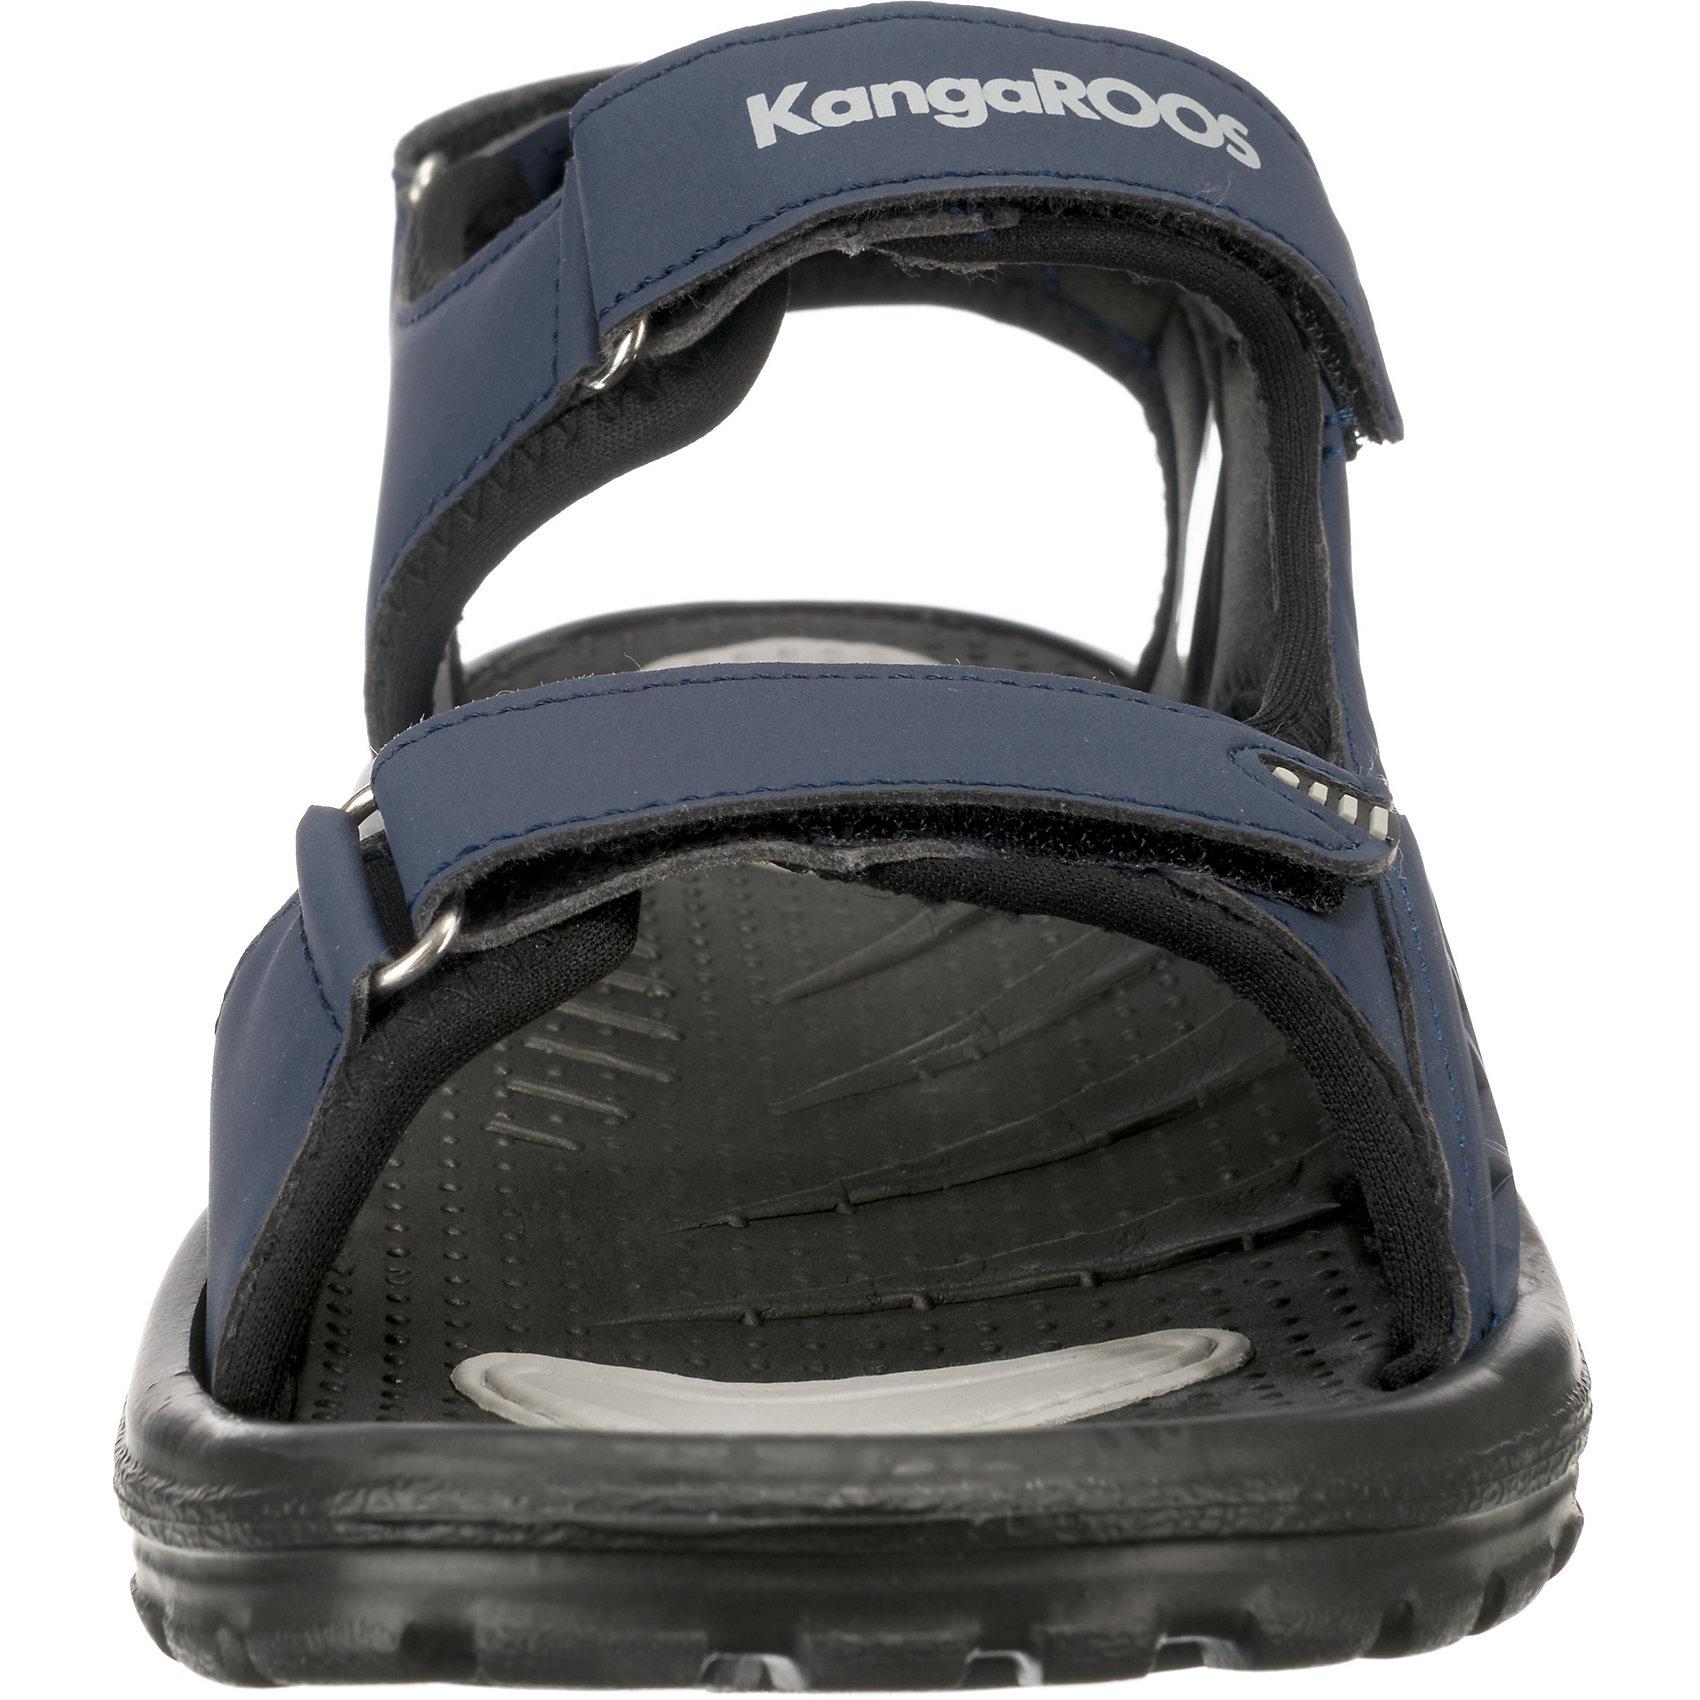 Schwarz Neu Zu Für Hesa Kangaroos Details 7154385 Komfort Sandalen Herren 2EHYeD9IbW